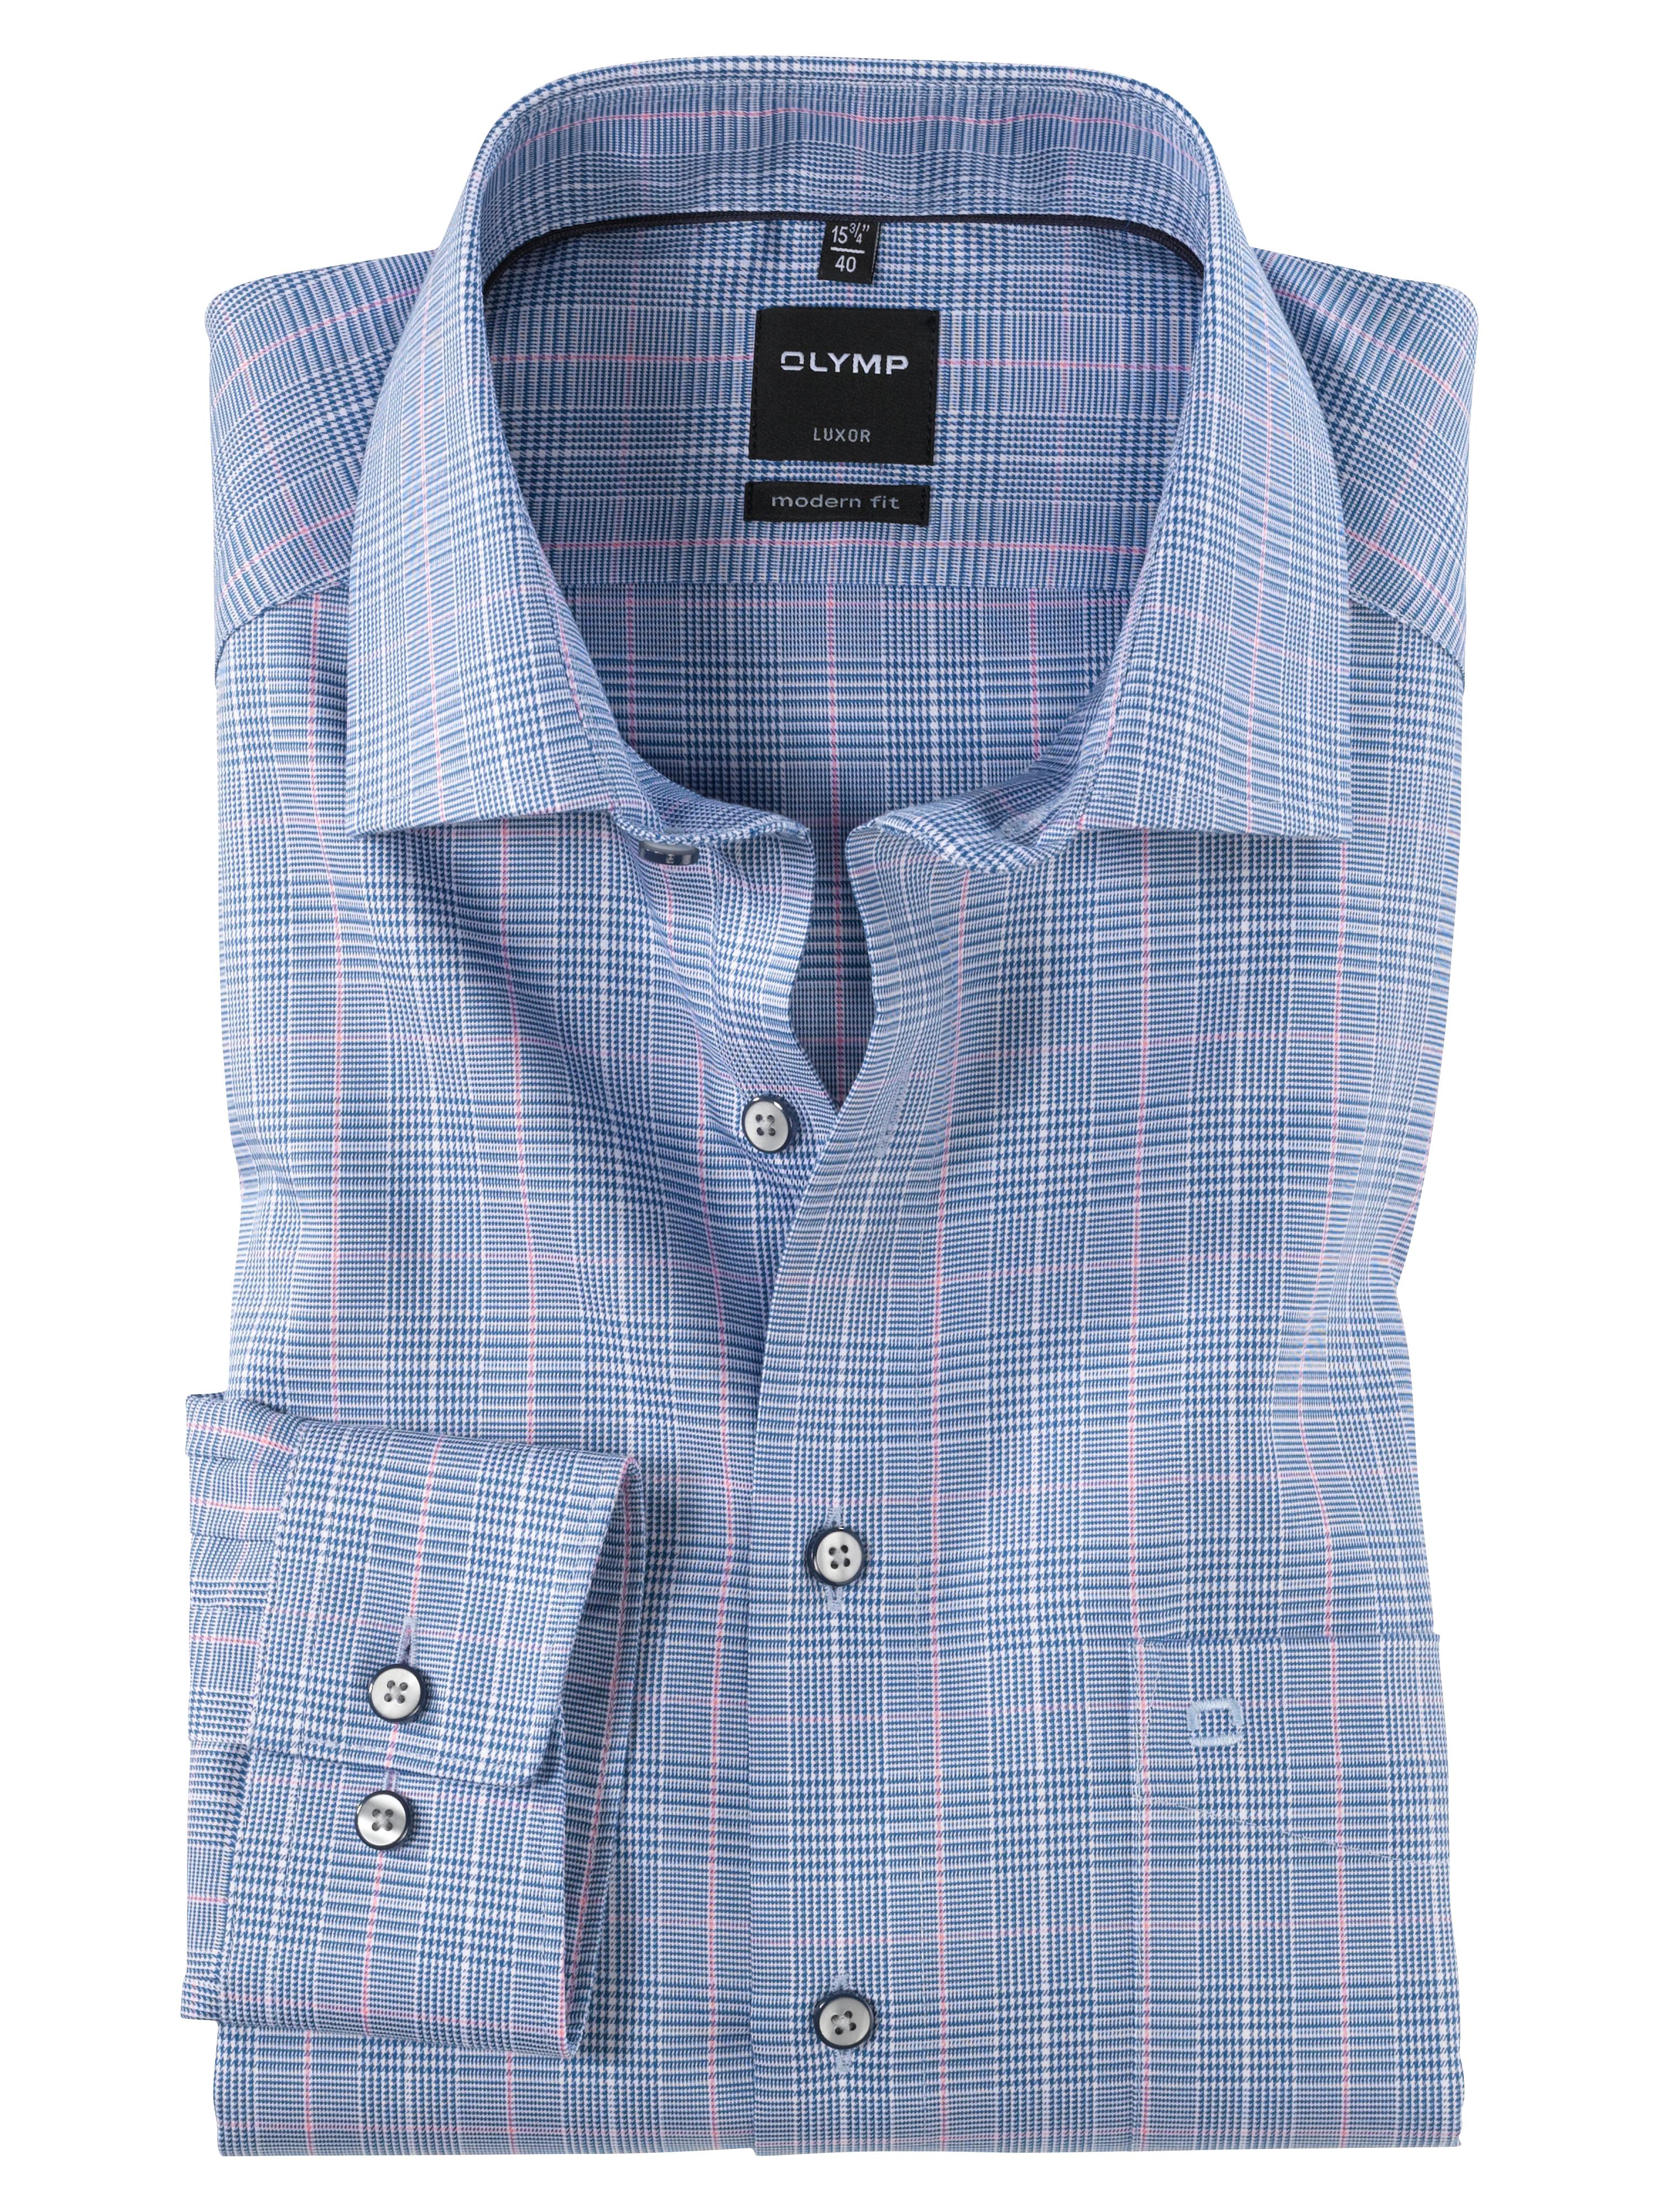 OLYMP Luxor Hemd, modern fit, Global Kent, Royal, 38 | Bekleidung > Hemden > Sonstige Hemden | OLYMP